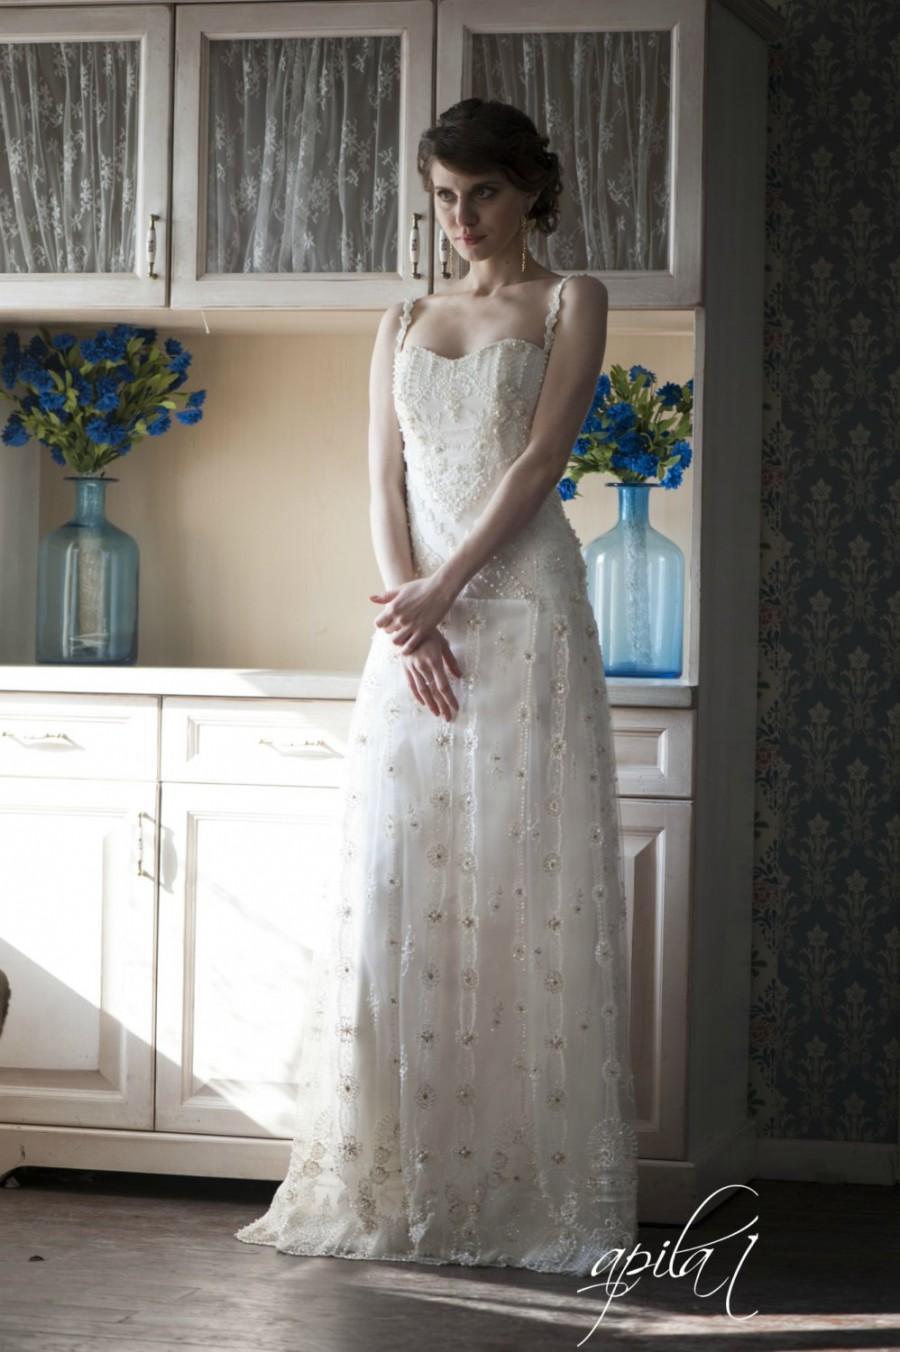 زفاف - Lace Long Wedding Dress, Bridal Dress with Pearls and Lace L2, Romantic wedding gown, Classic bridal dress, Custom dress, Rustic gown